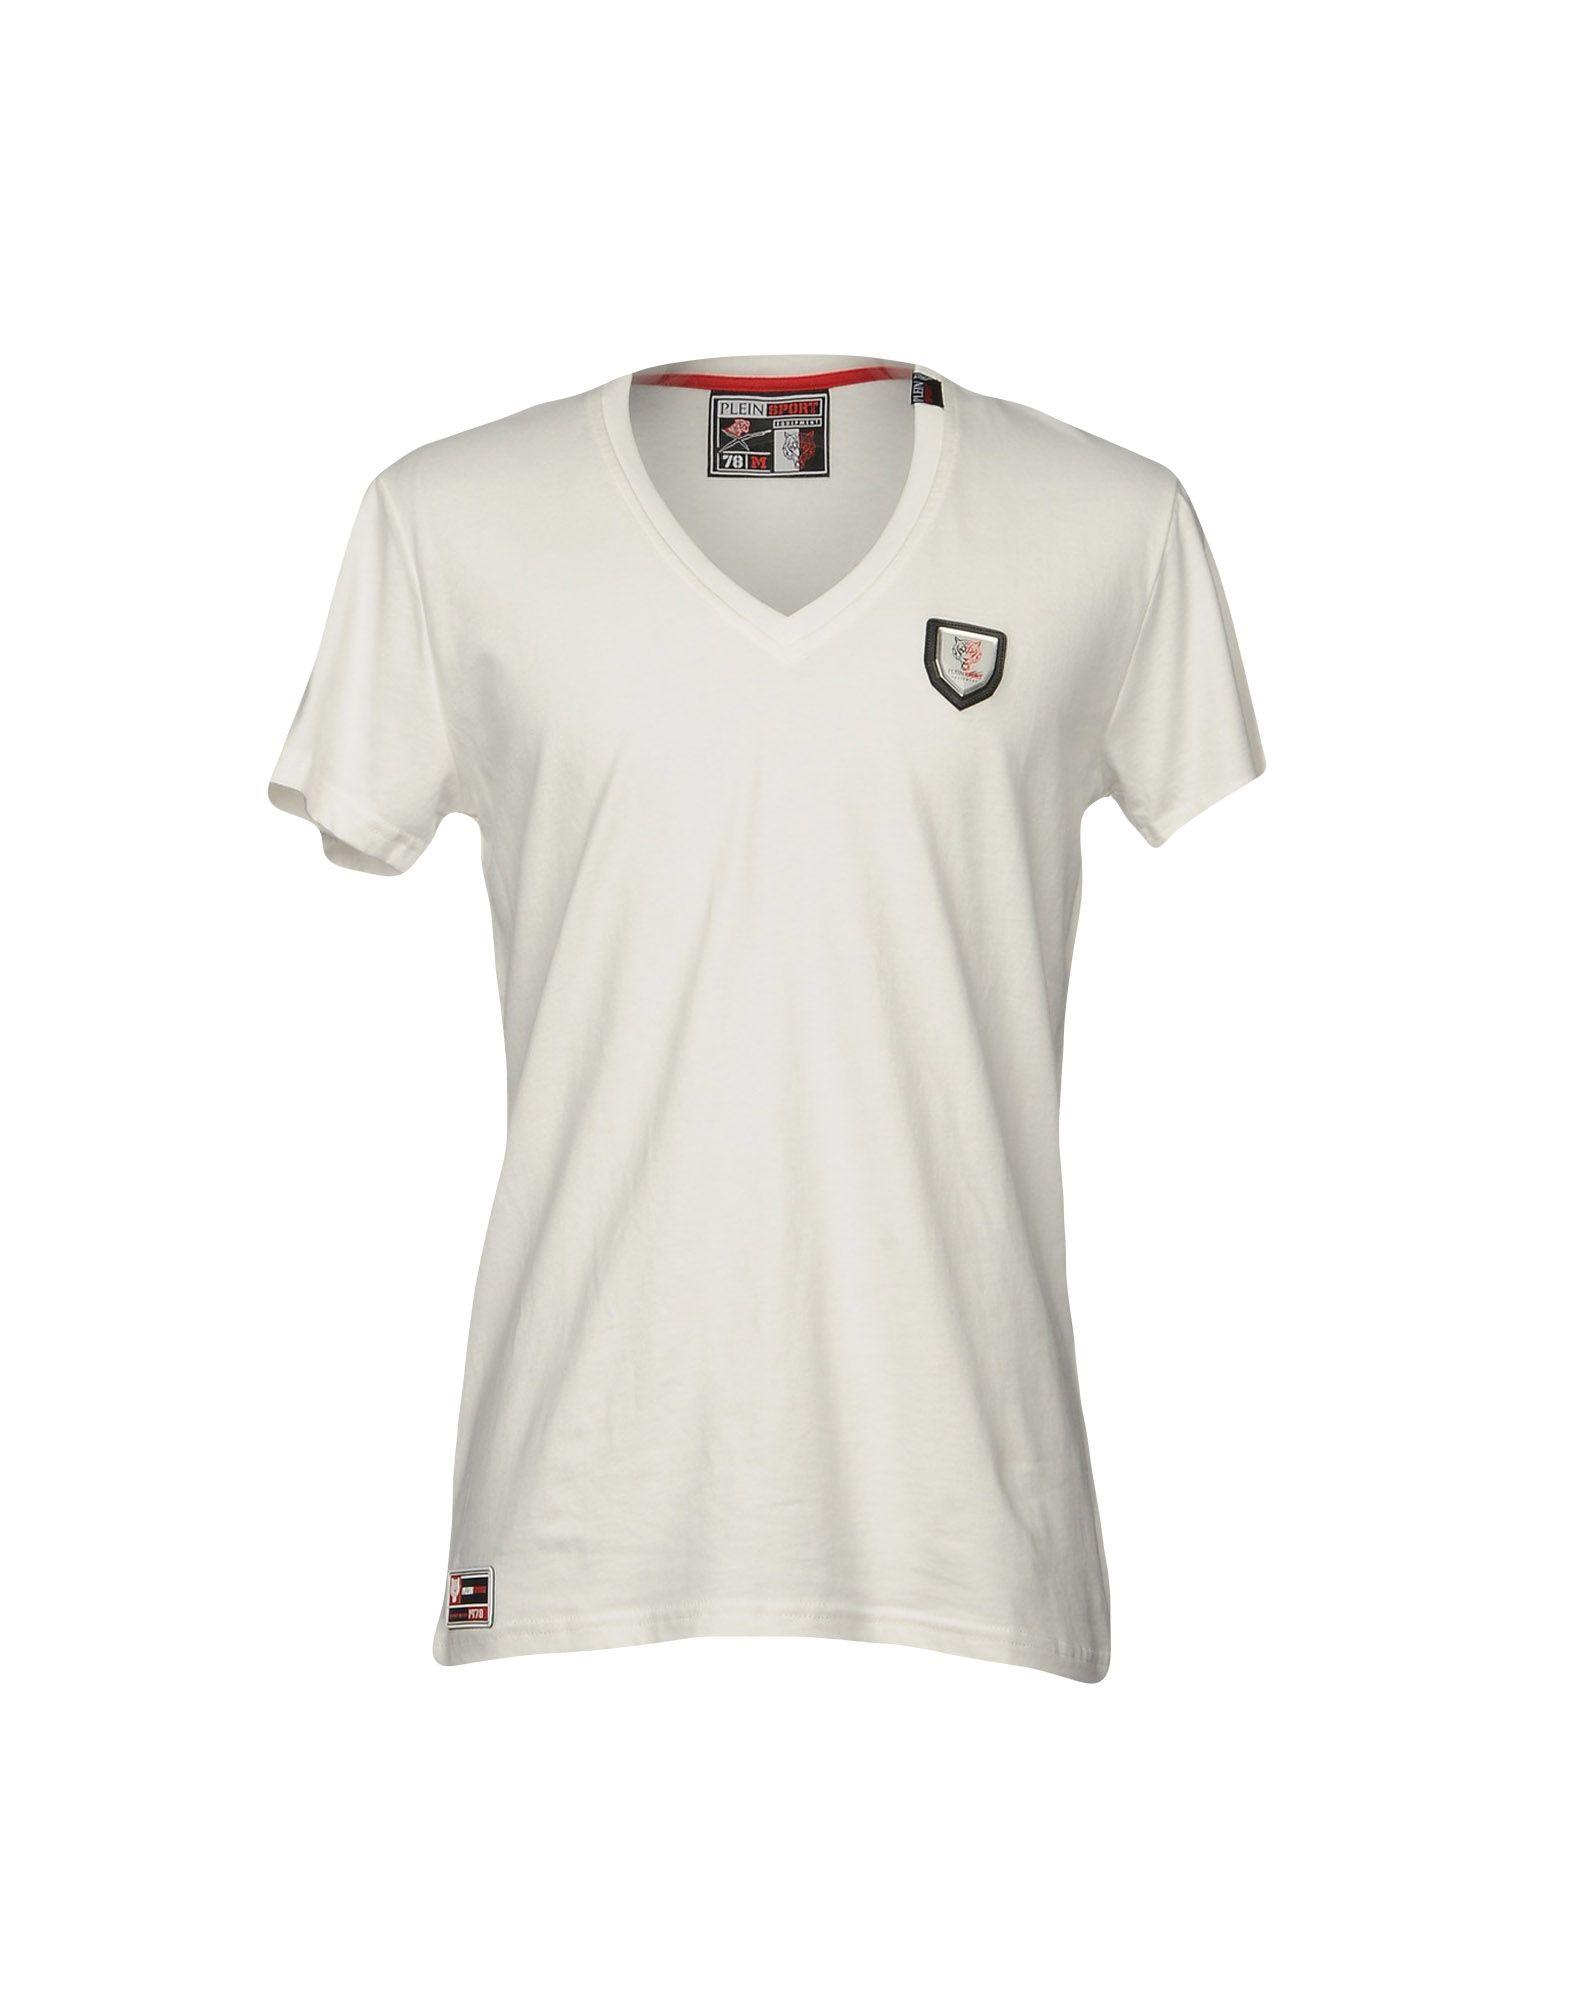 T-Shirt Plein Sport Uomo - Acquista online su